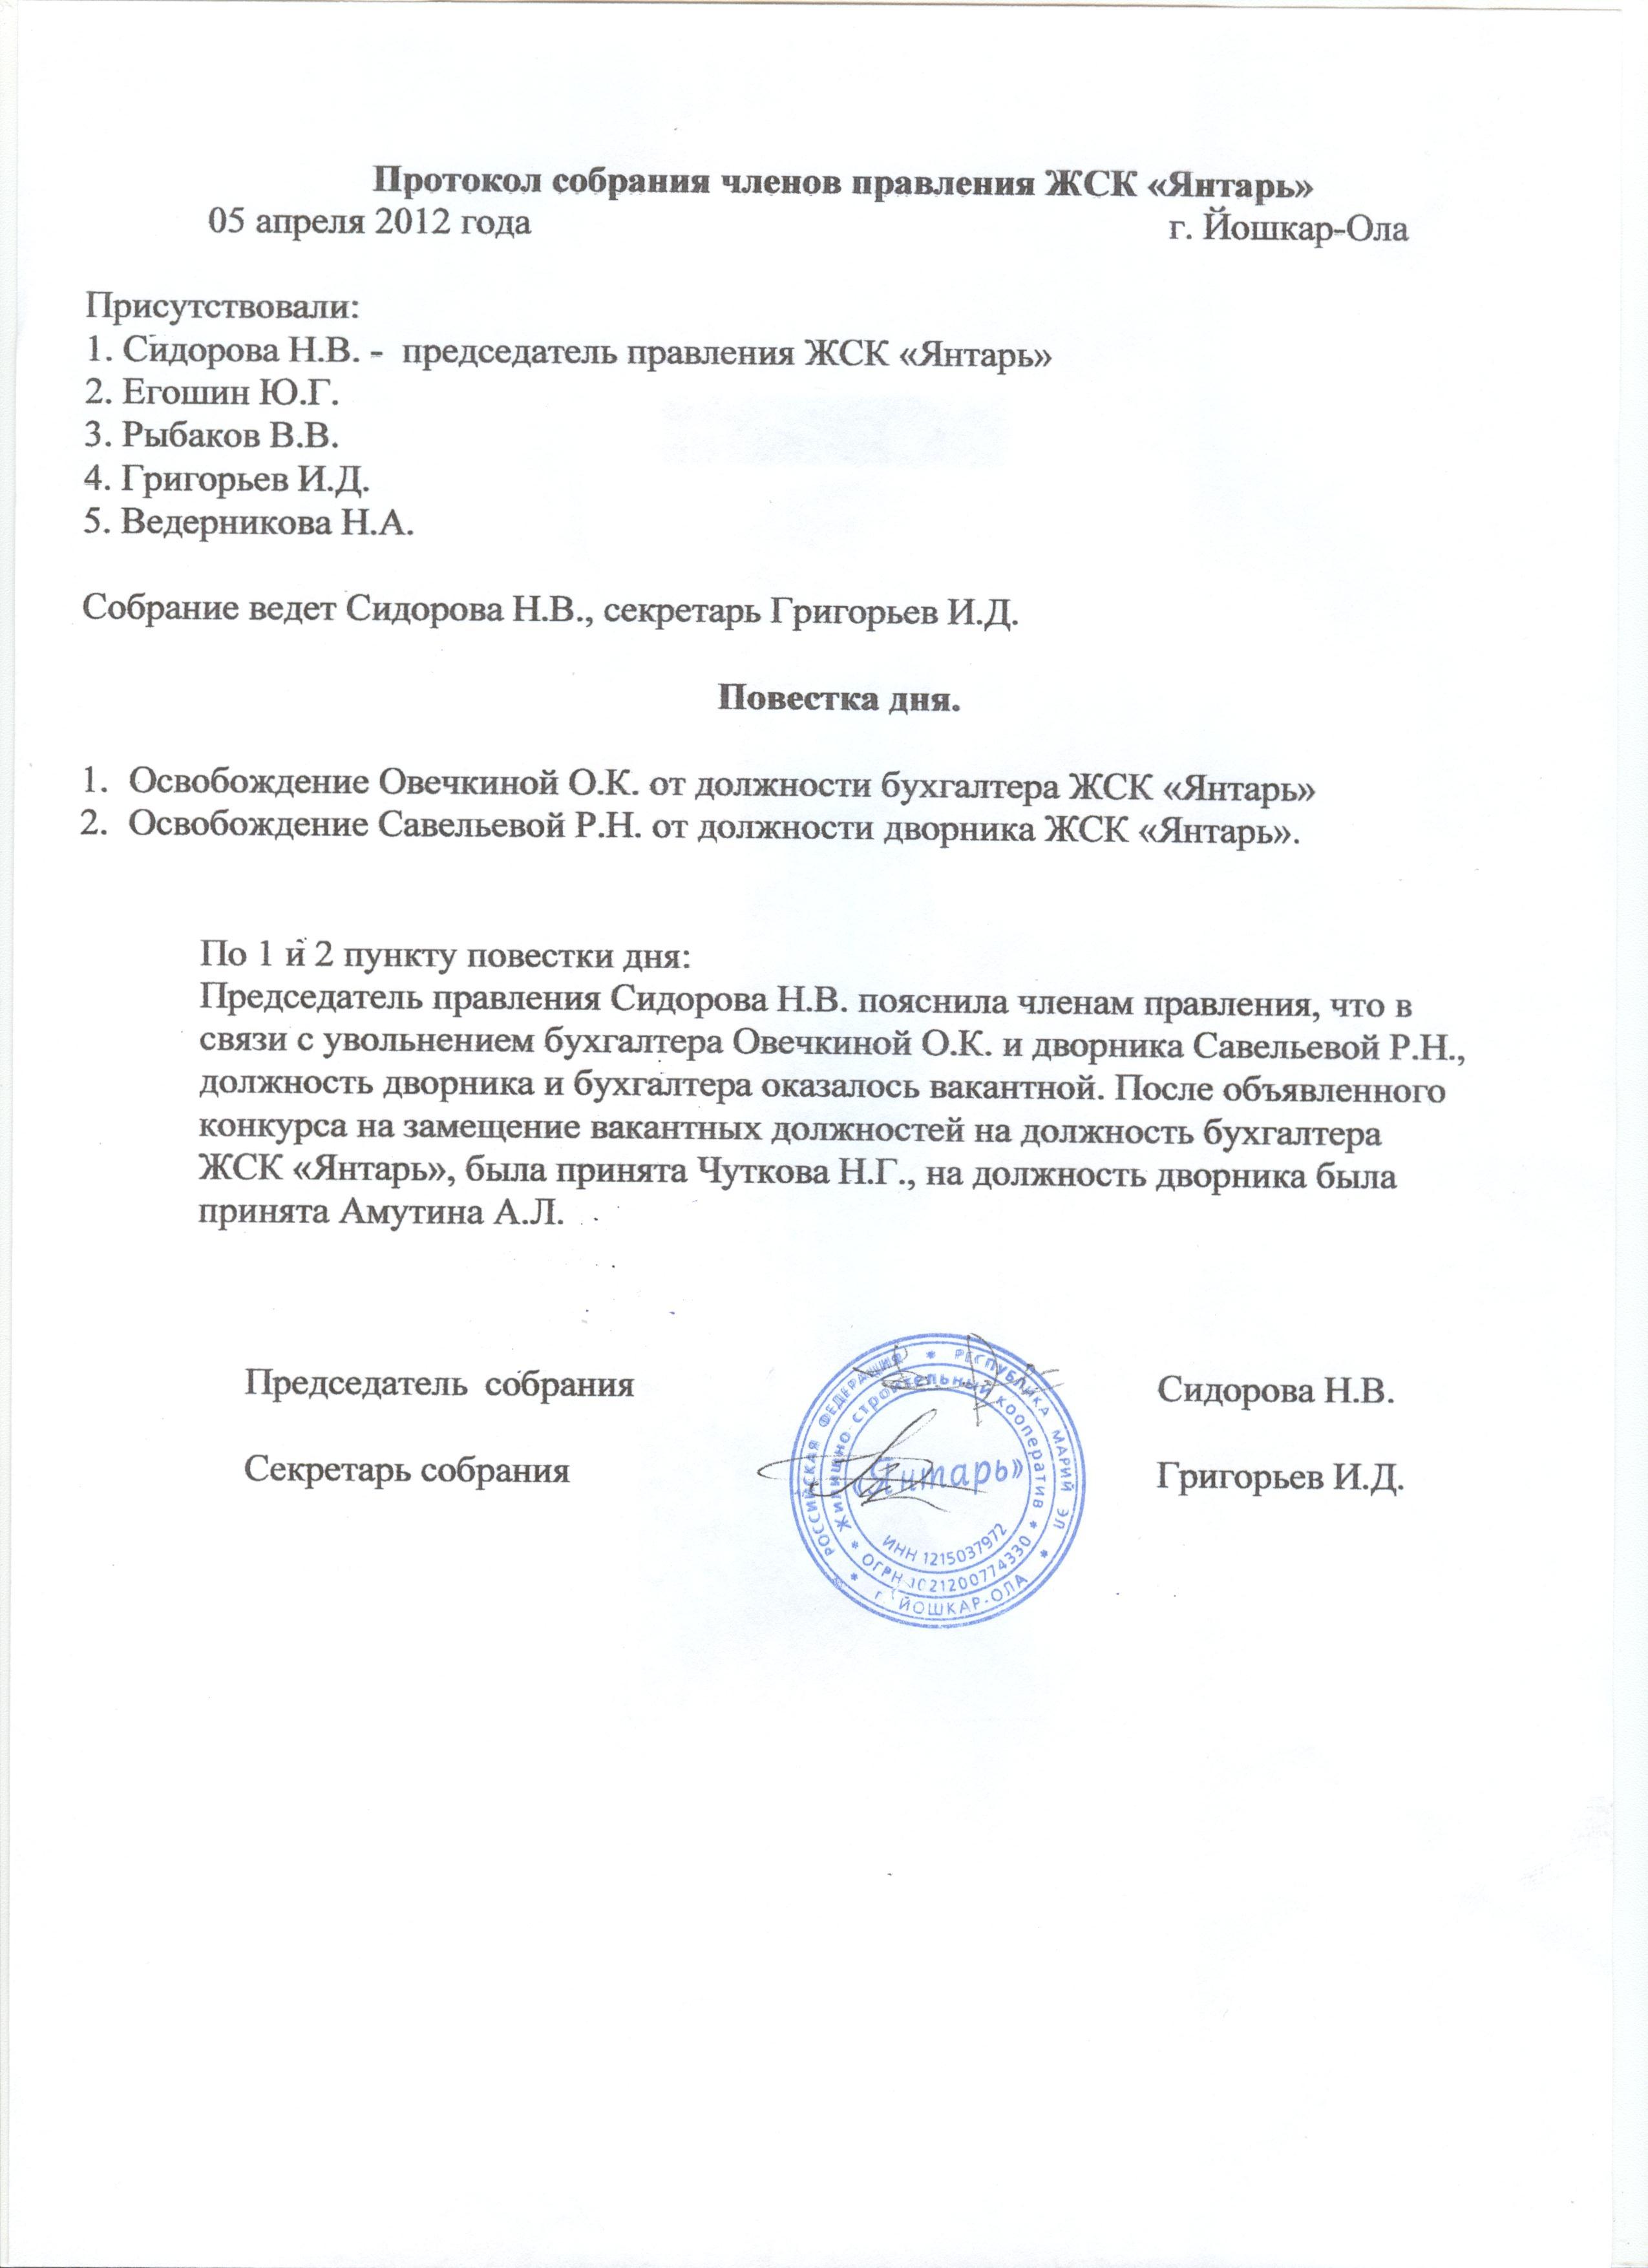 протокол собрания членов жск